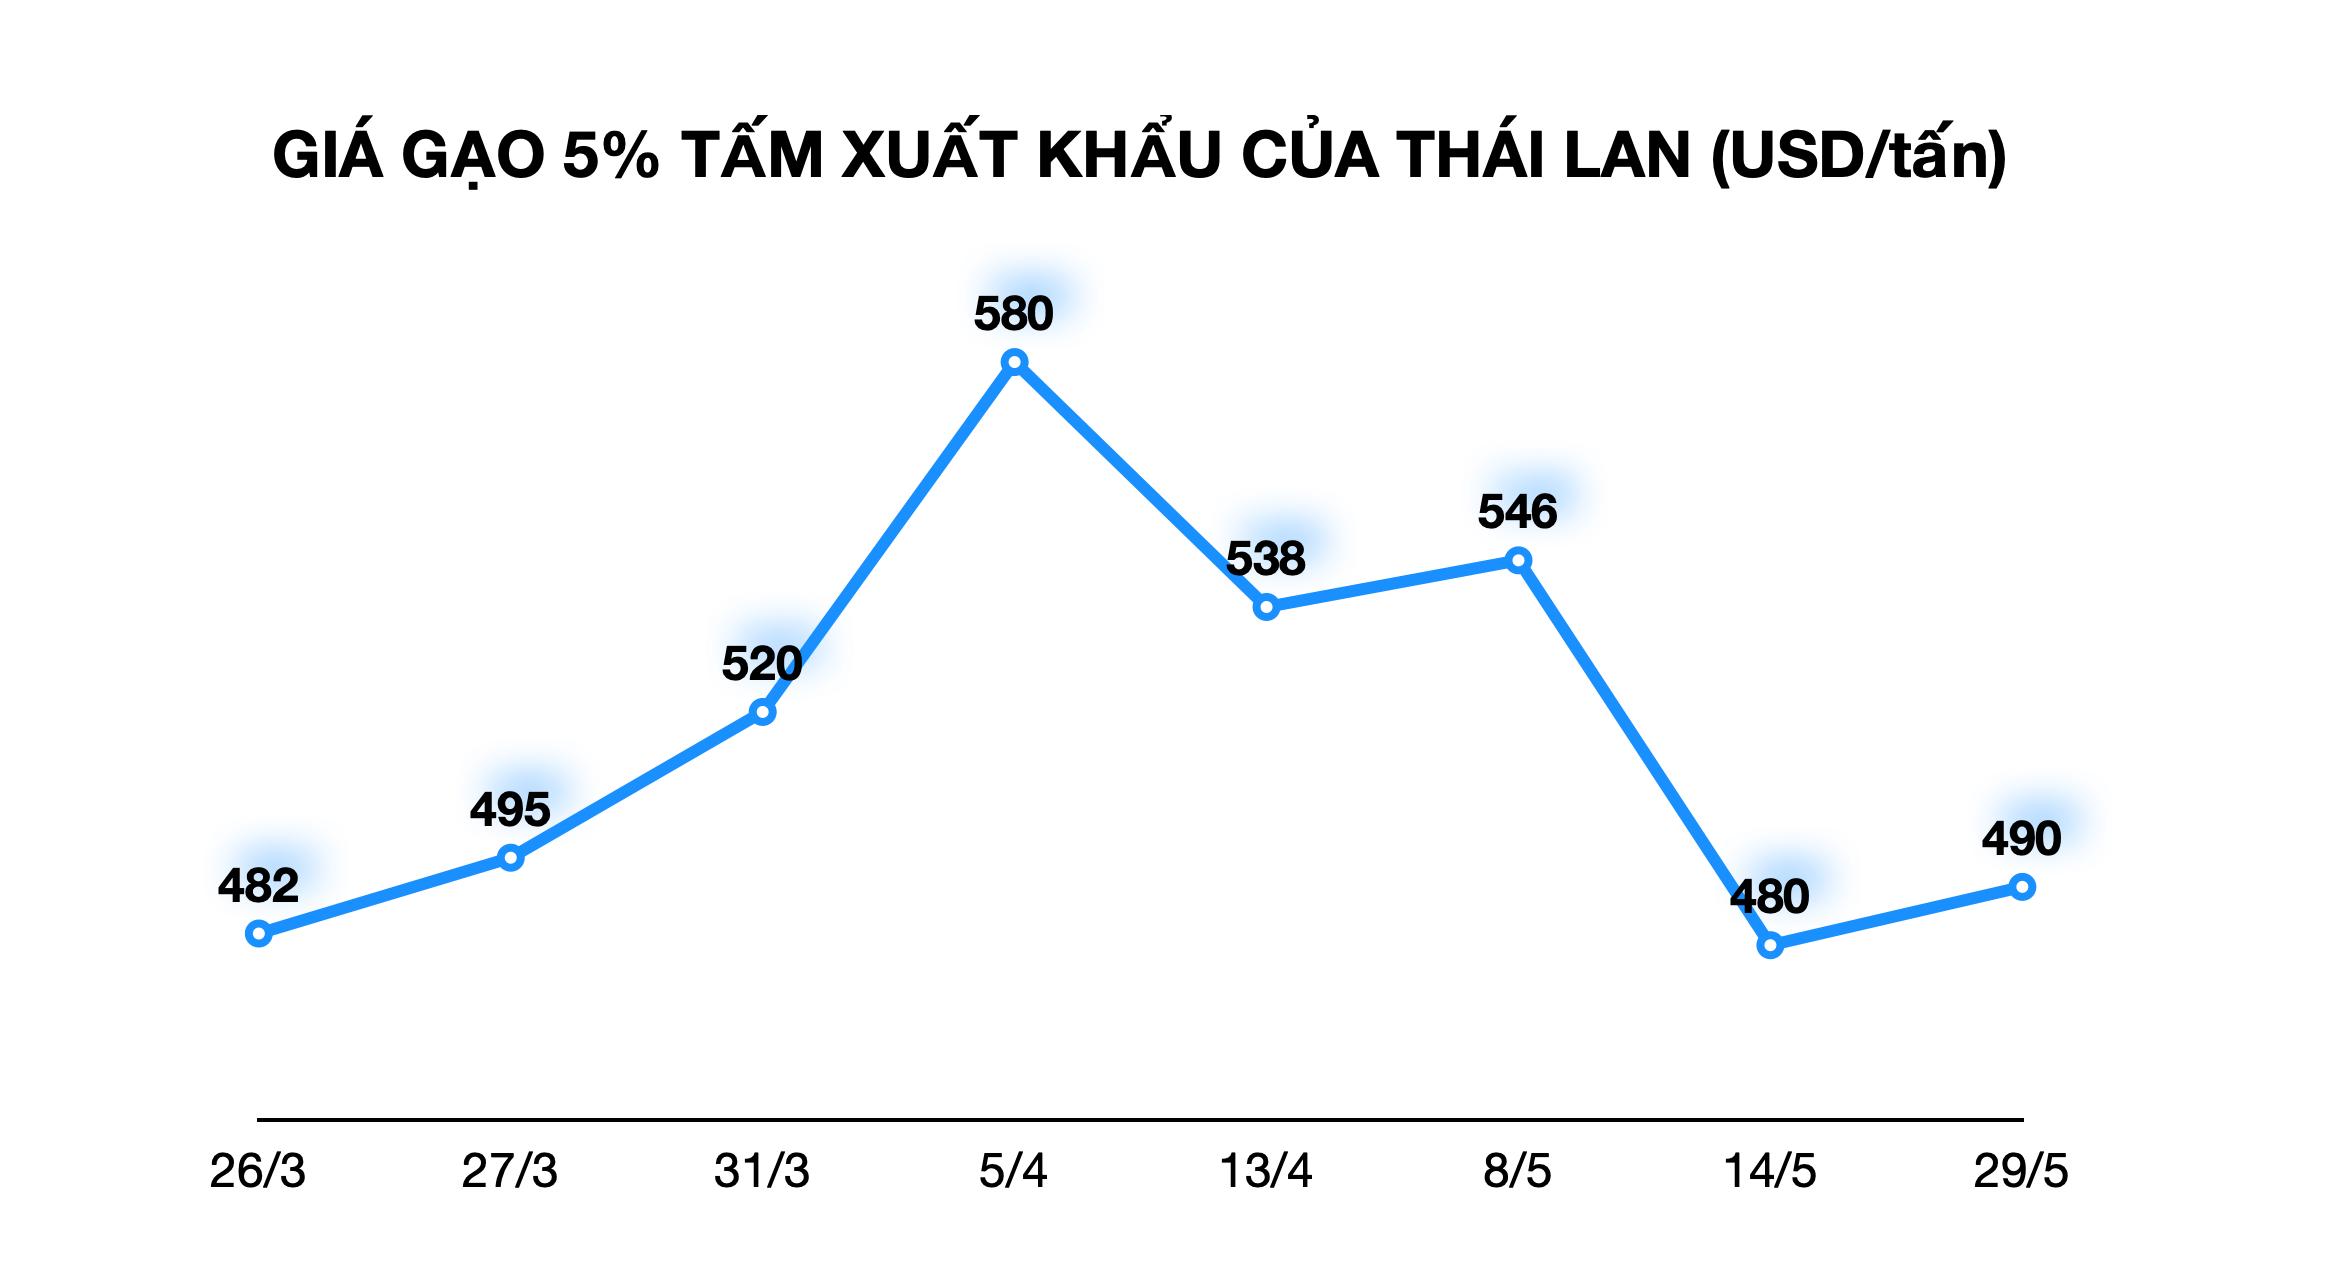 Giá gạo xuất khẩu Việt Nam đang cao nhất gần một năm qua, hơn gạo Ấn Độ gần 100 USD/tấn - Ảnh 2.